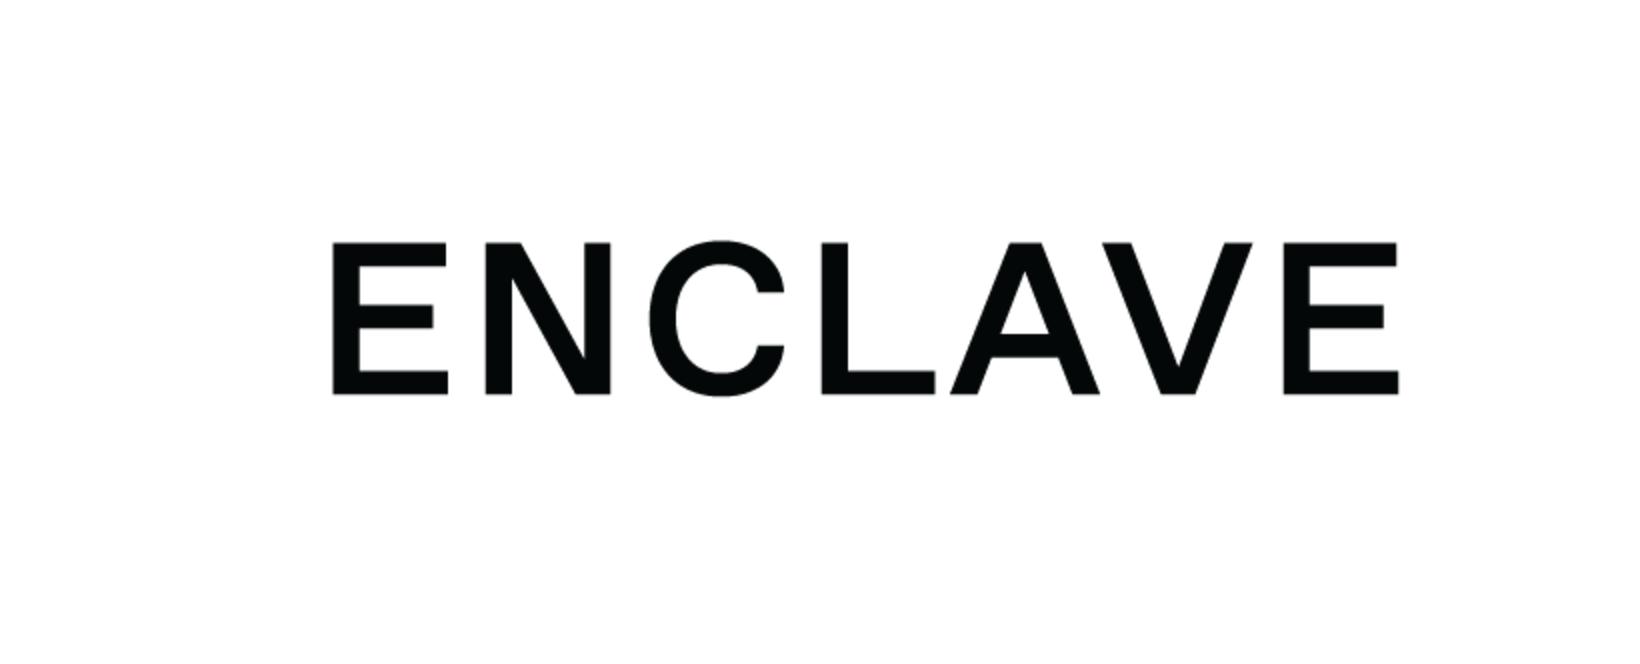 Enclave Audio Discount Code 2021